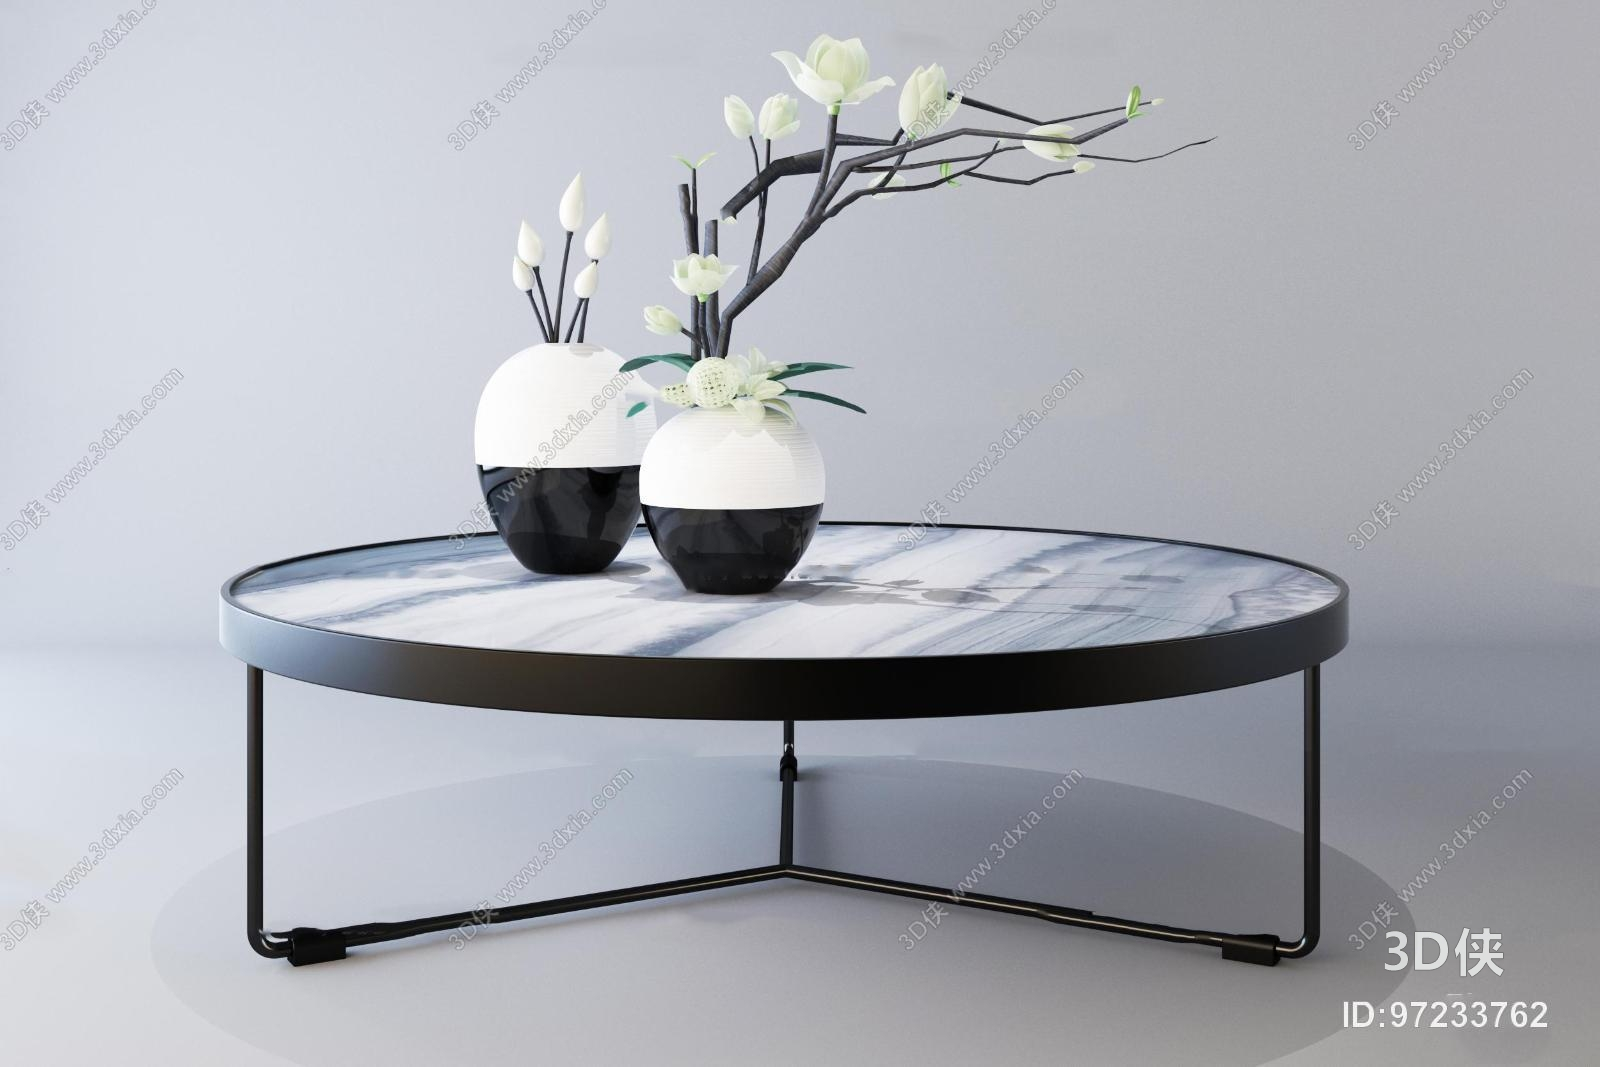 新中式铁艺圆形茶几陶瓷摆件3D模型